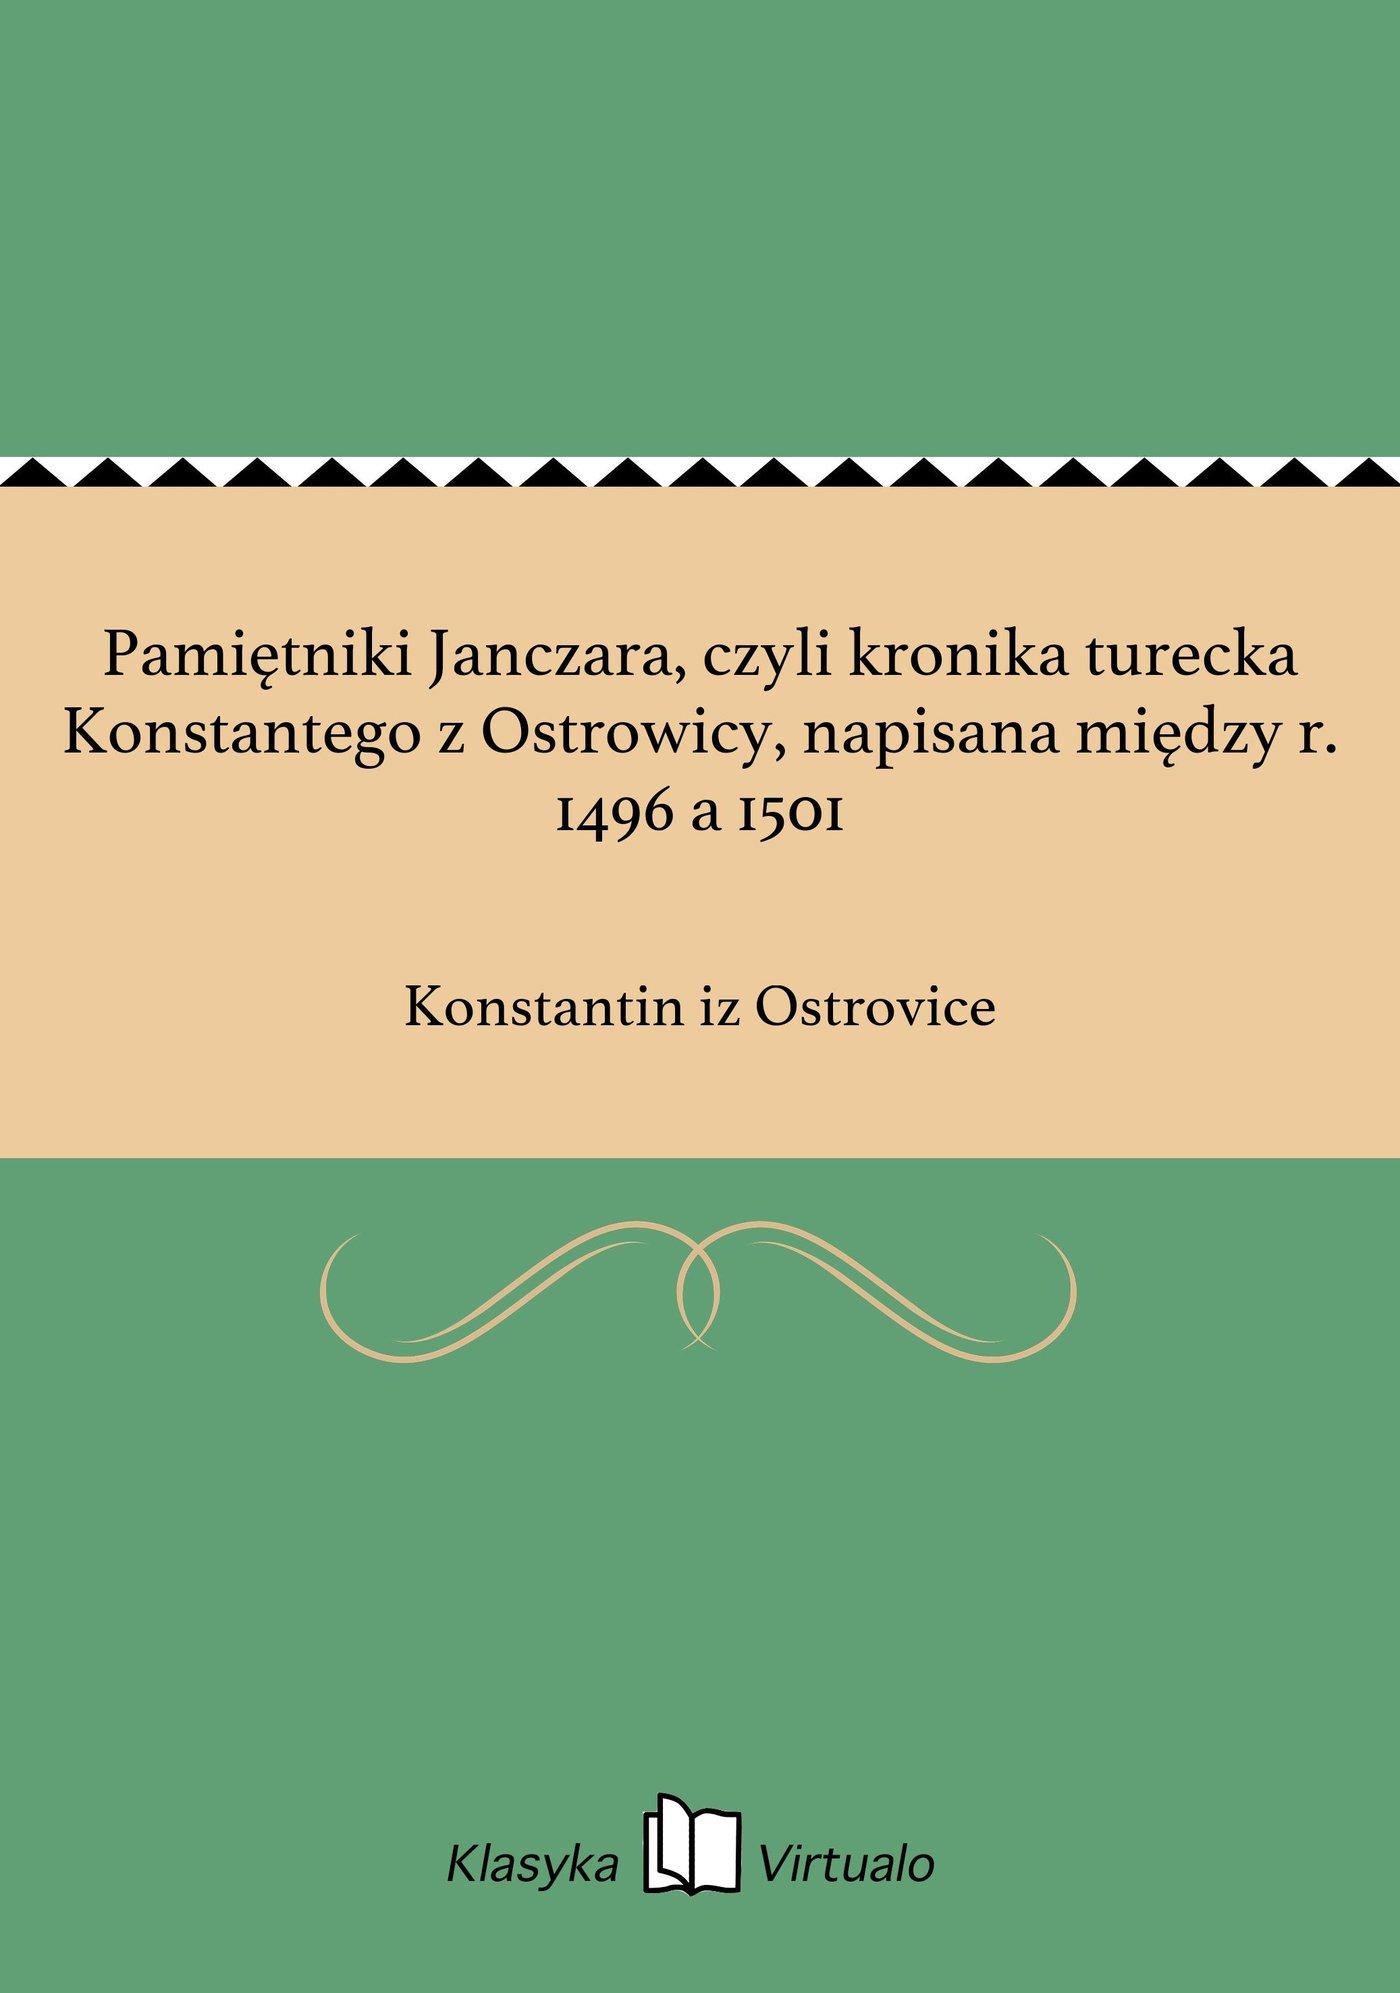 Pamiętniki Janczara, czyli kronika turecka Konstantego z Ostrowicy, napisana między r. 1496 a 1501 - Ebook (Książka EPUB) do pobrania w formacie EPUB